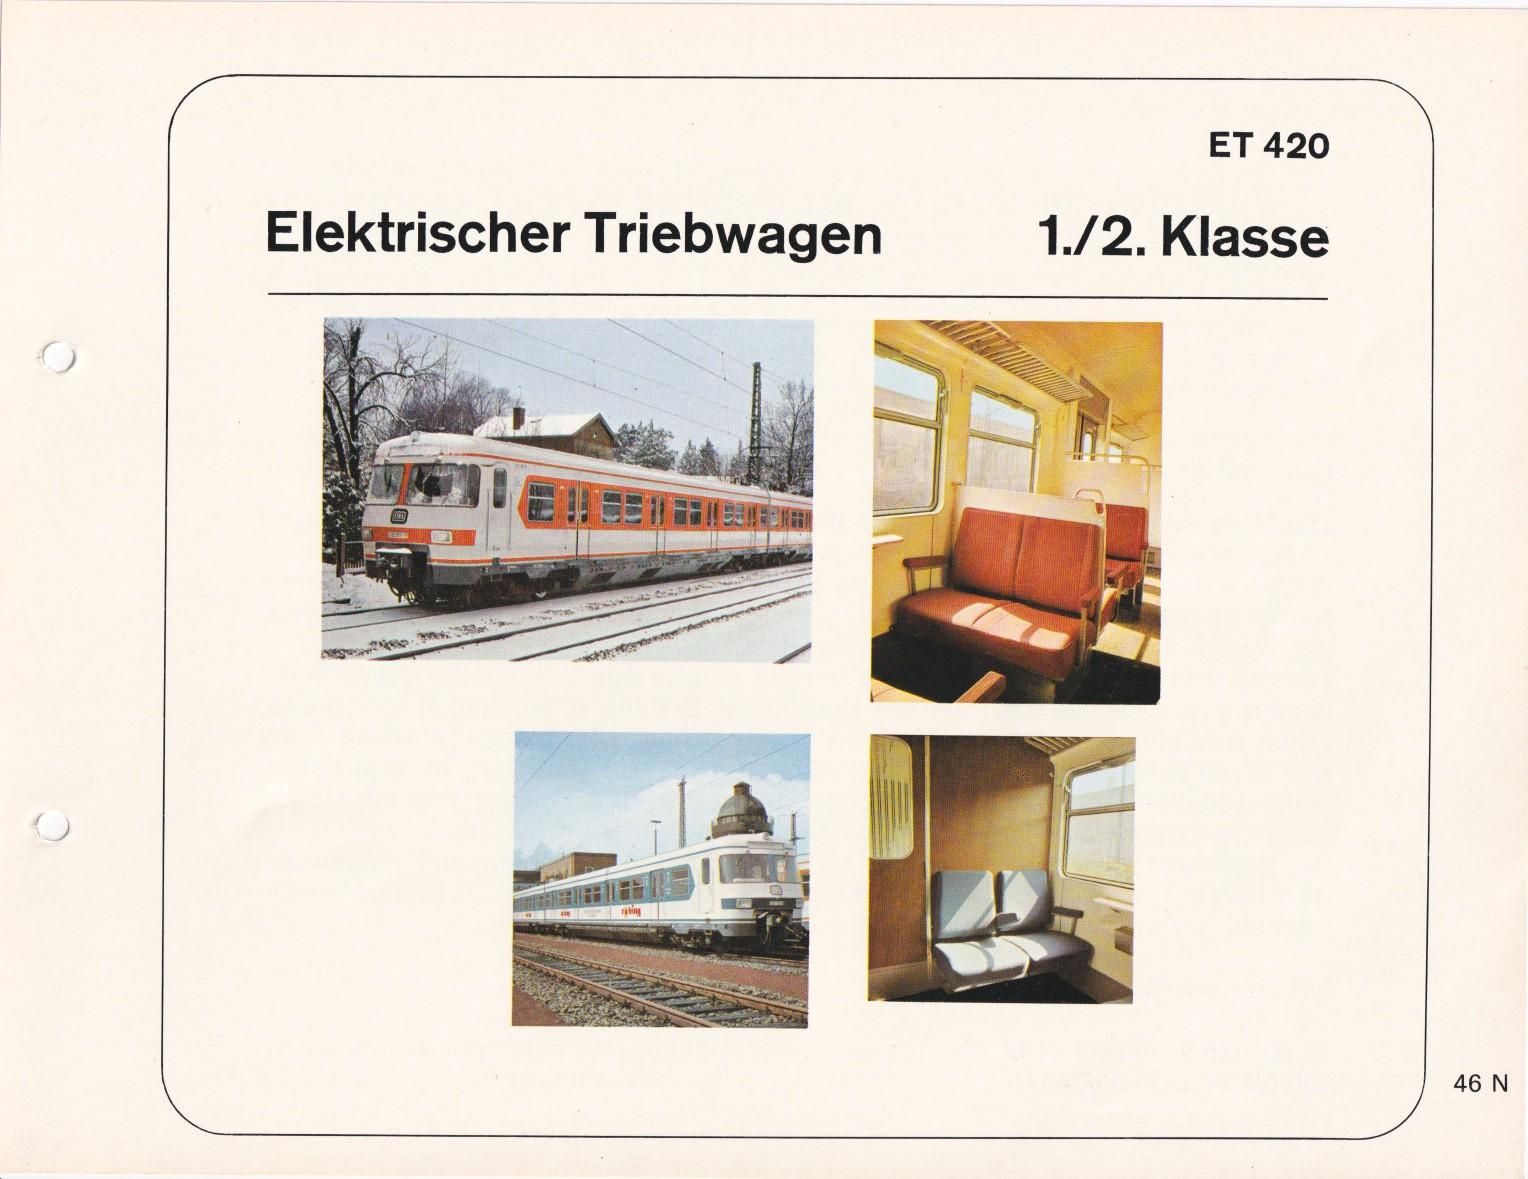 https://www.nullclub.de/hifo/Fahrzeuglexikon/Wagen46a.jpg